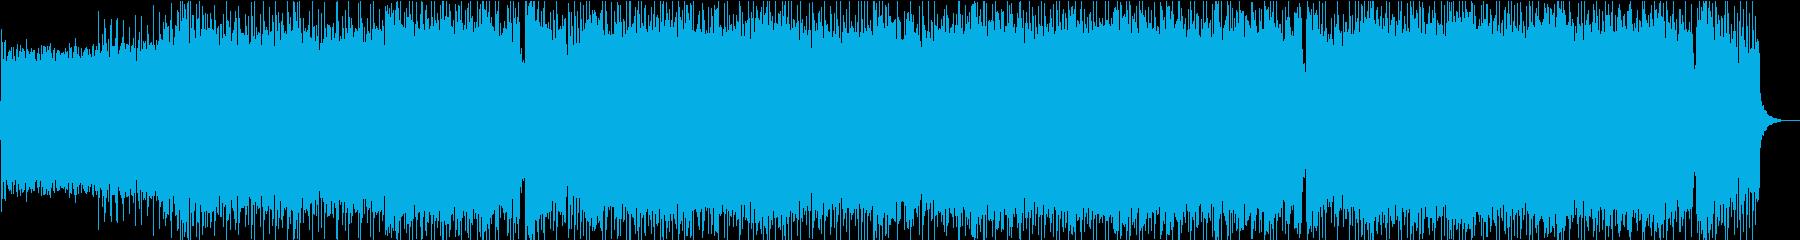 攻撃的なメロディックロックの再生済みの波形